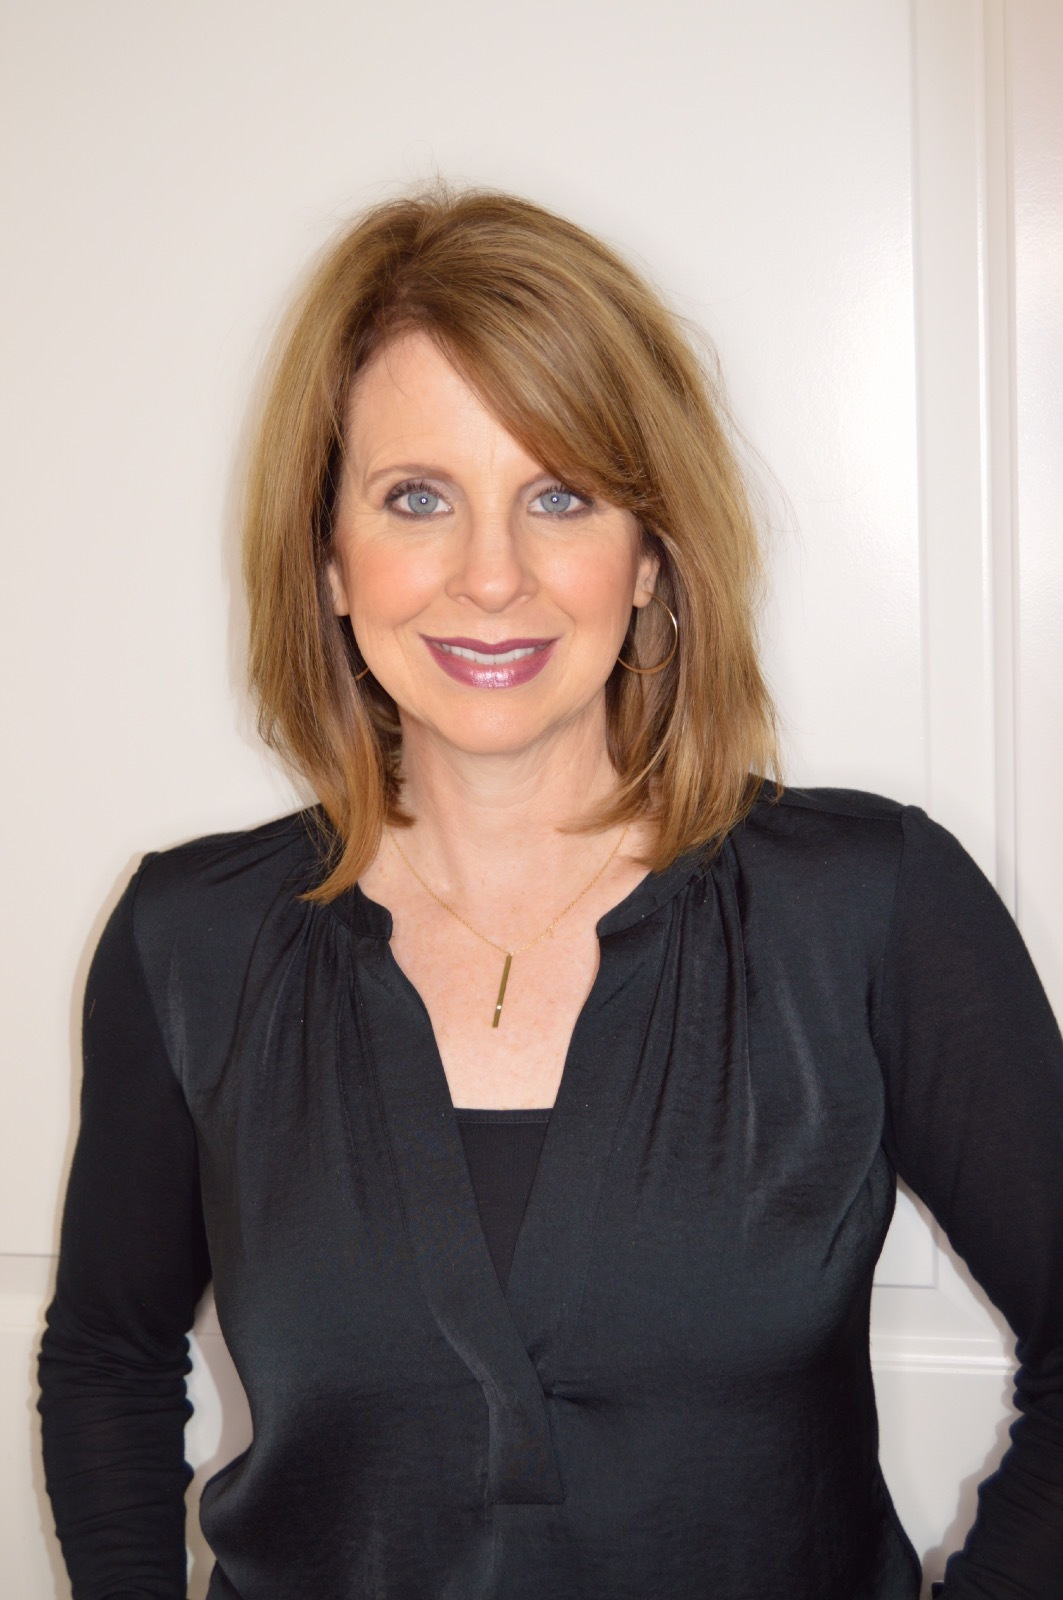 Cindy DeMaio